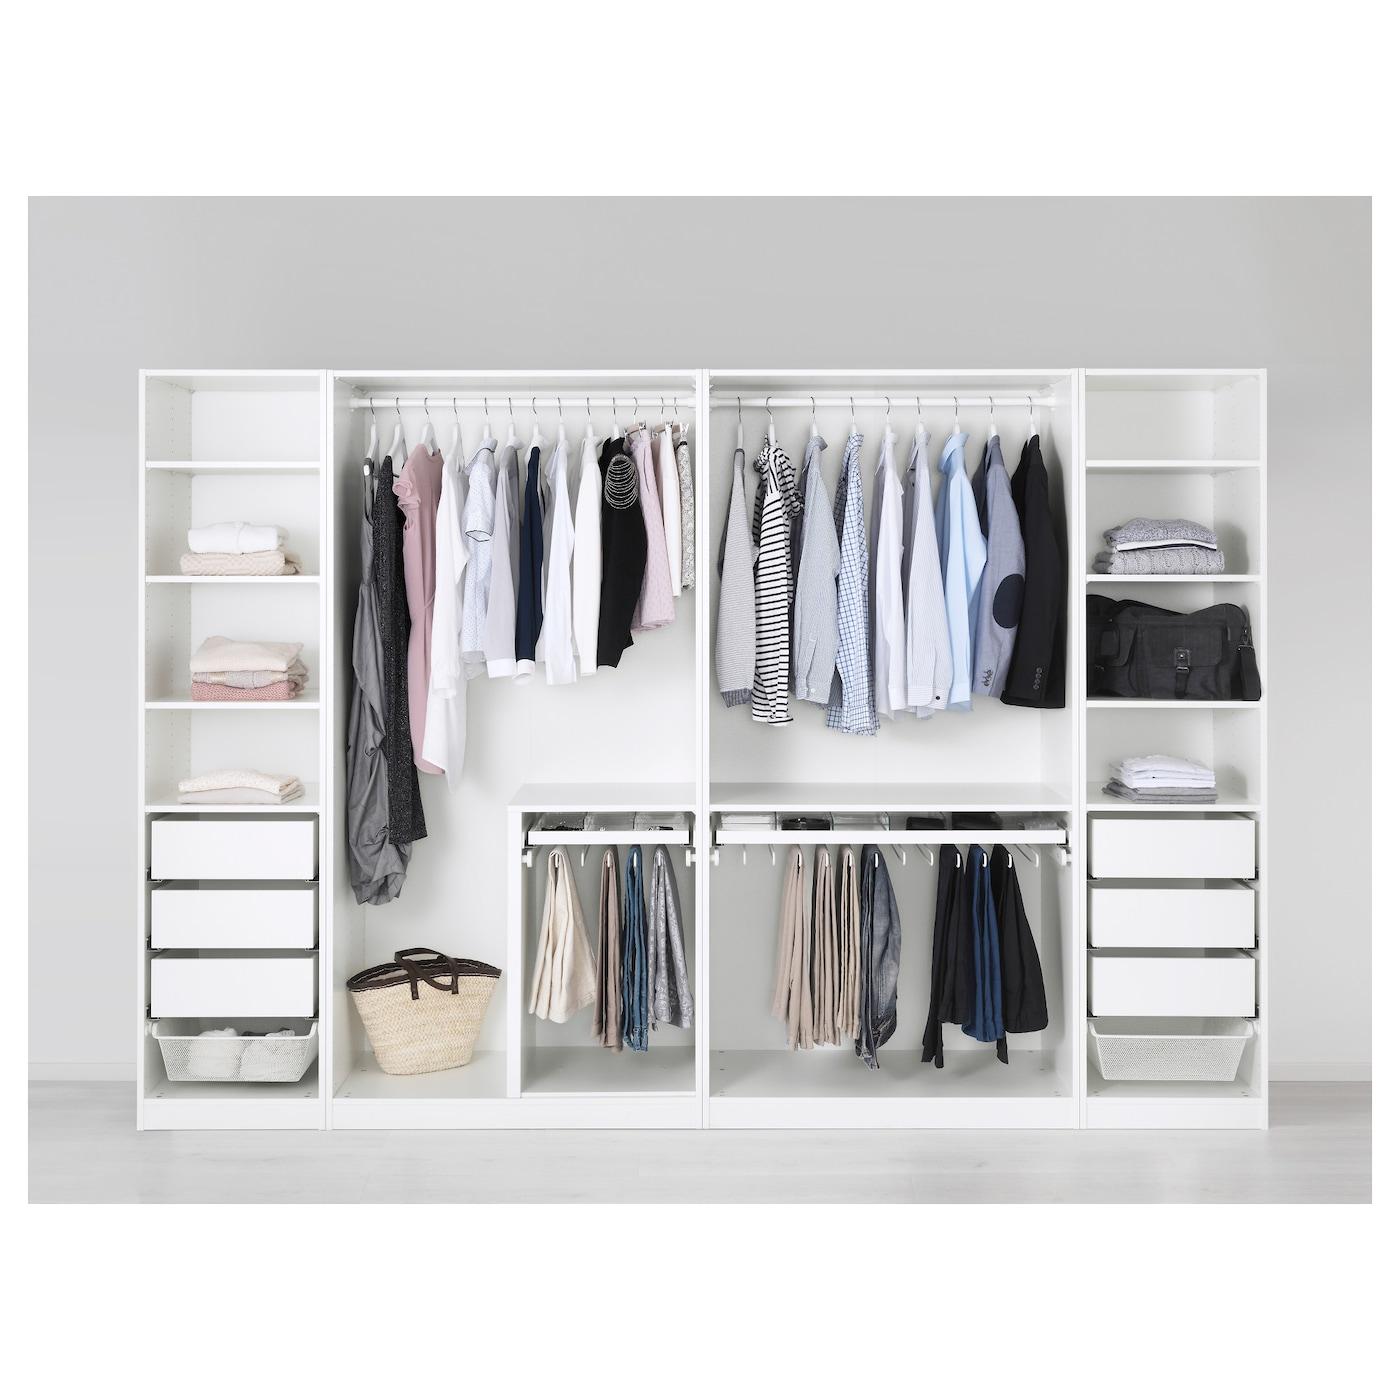 PAX Wardrobe White tyssedal tyssedal glass 300x60x201 cm IKEA